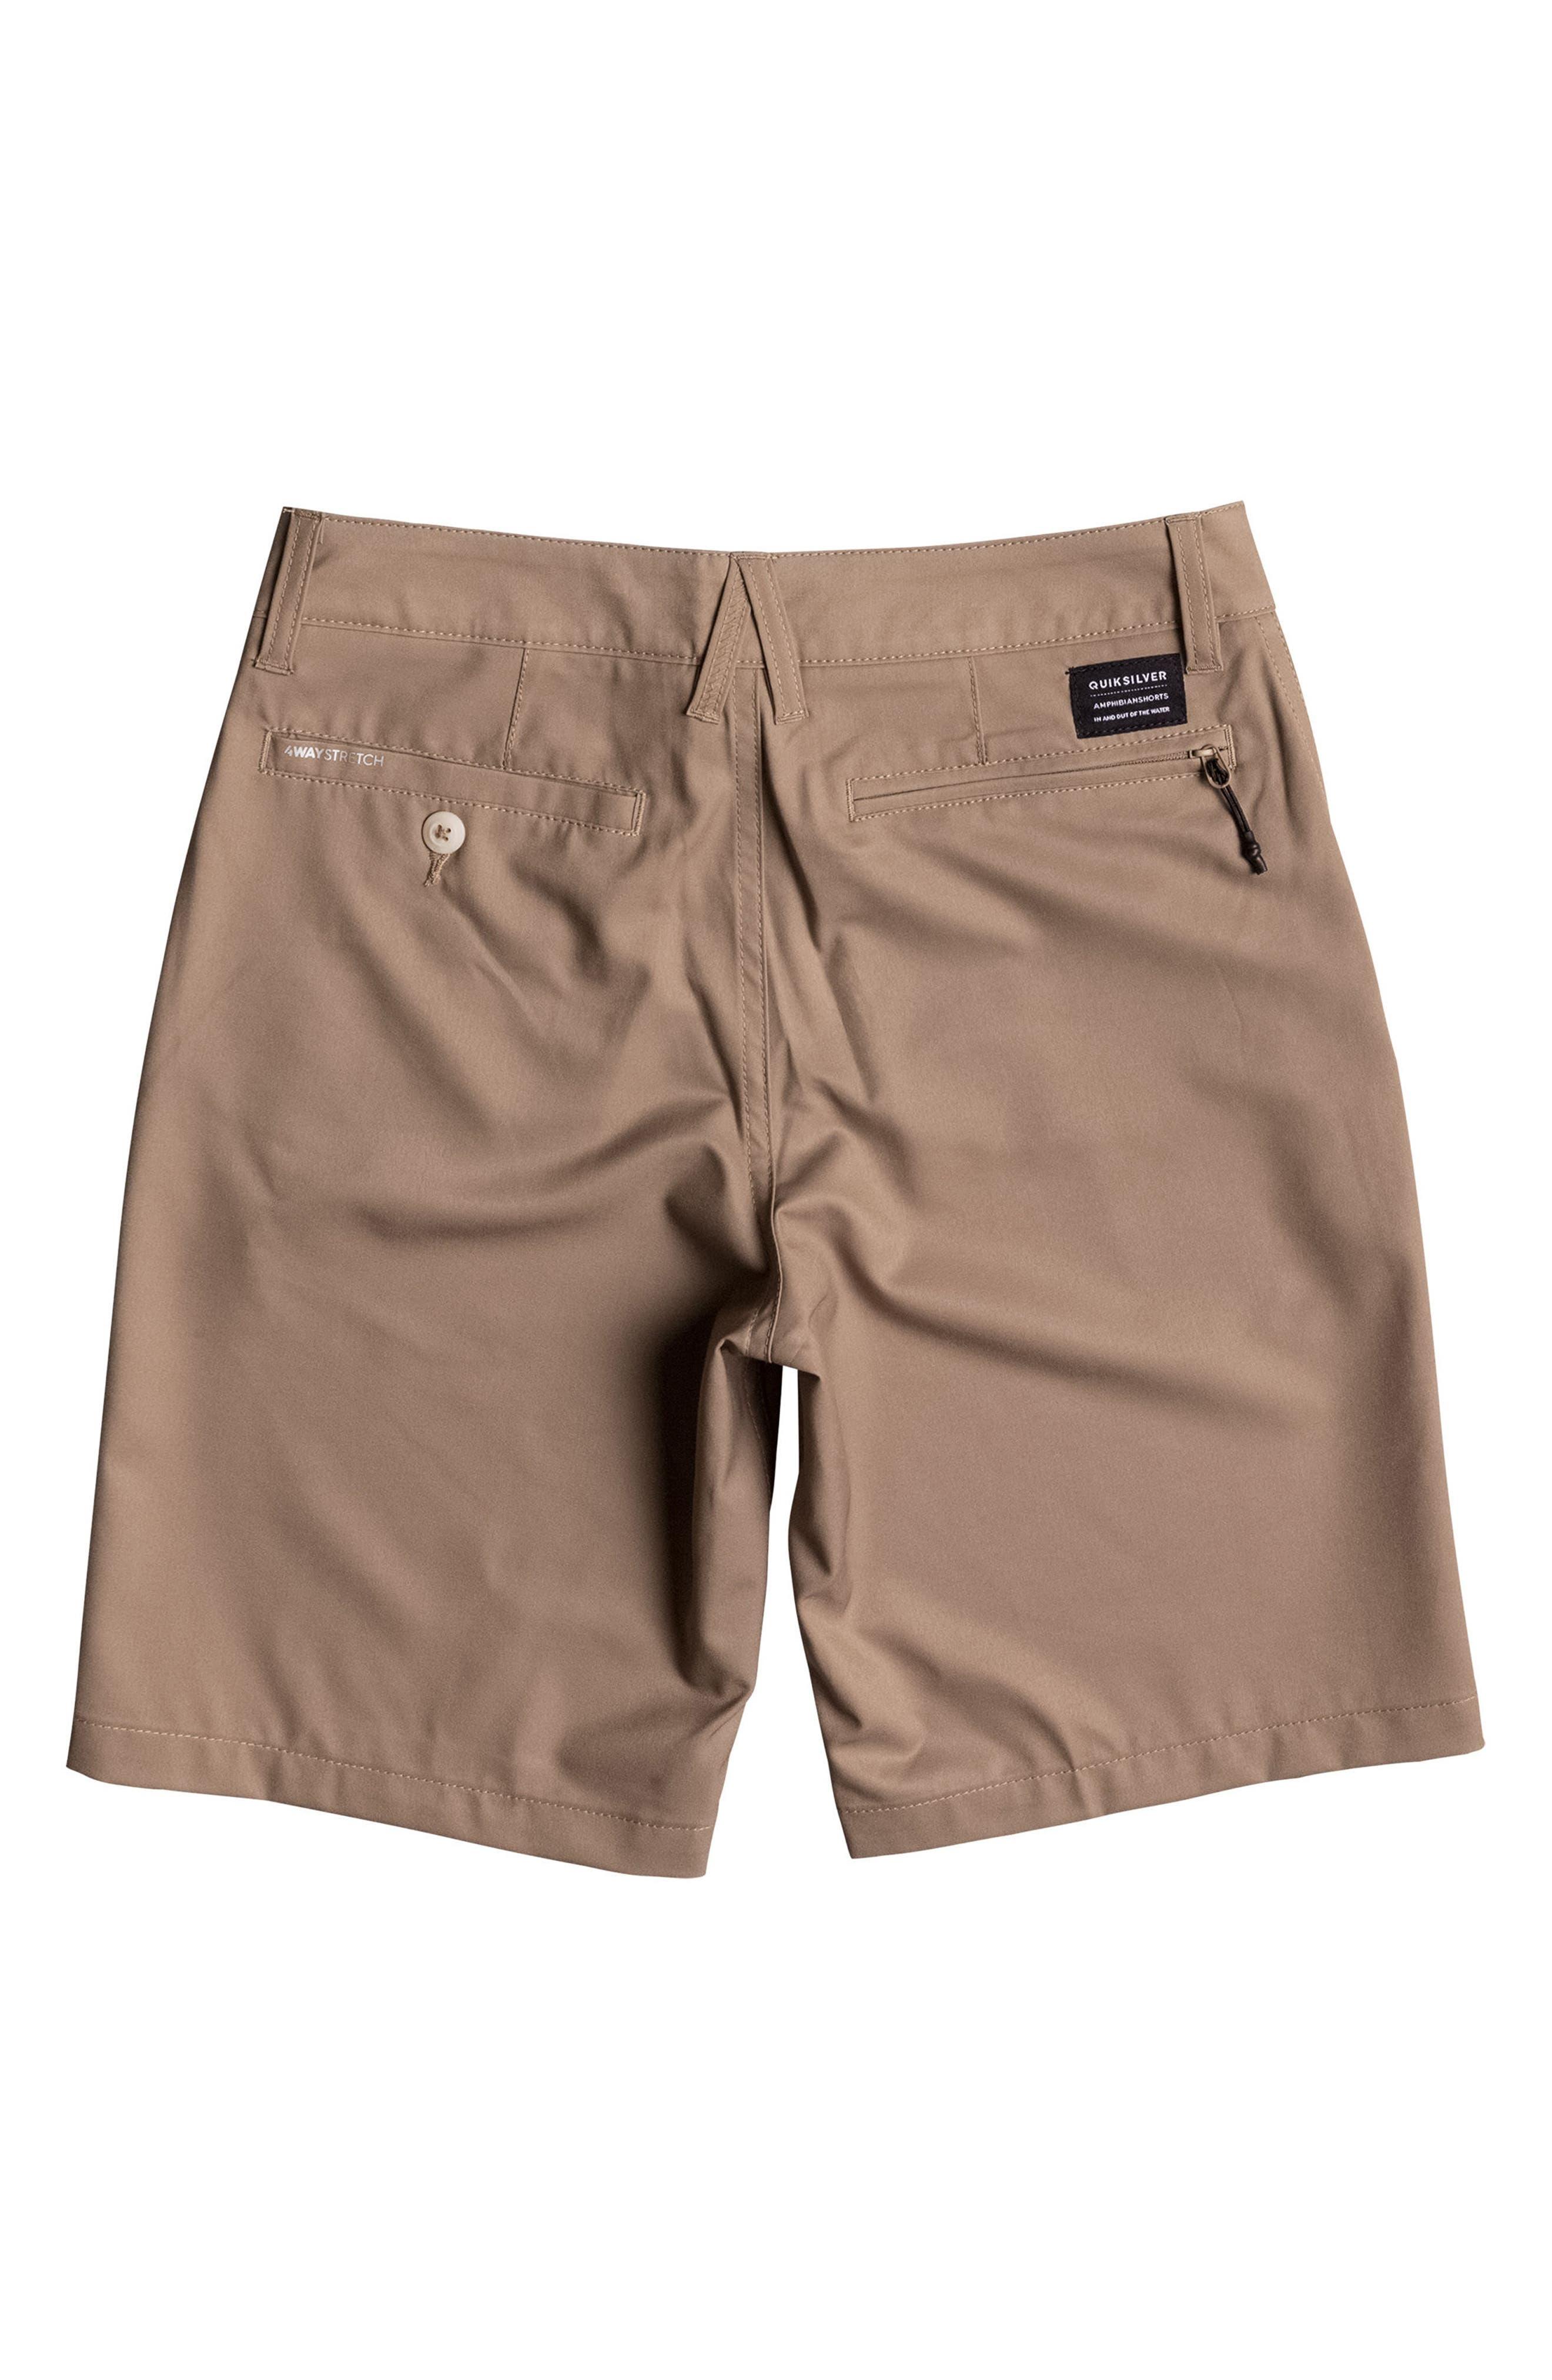 Union Amphibian Shorts,                             Alternate thumbnail 2, color,                             253